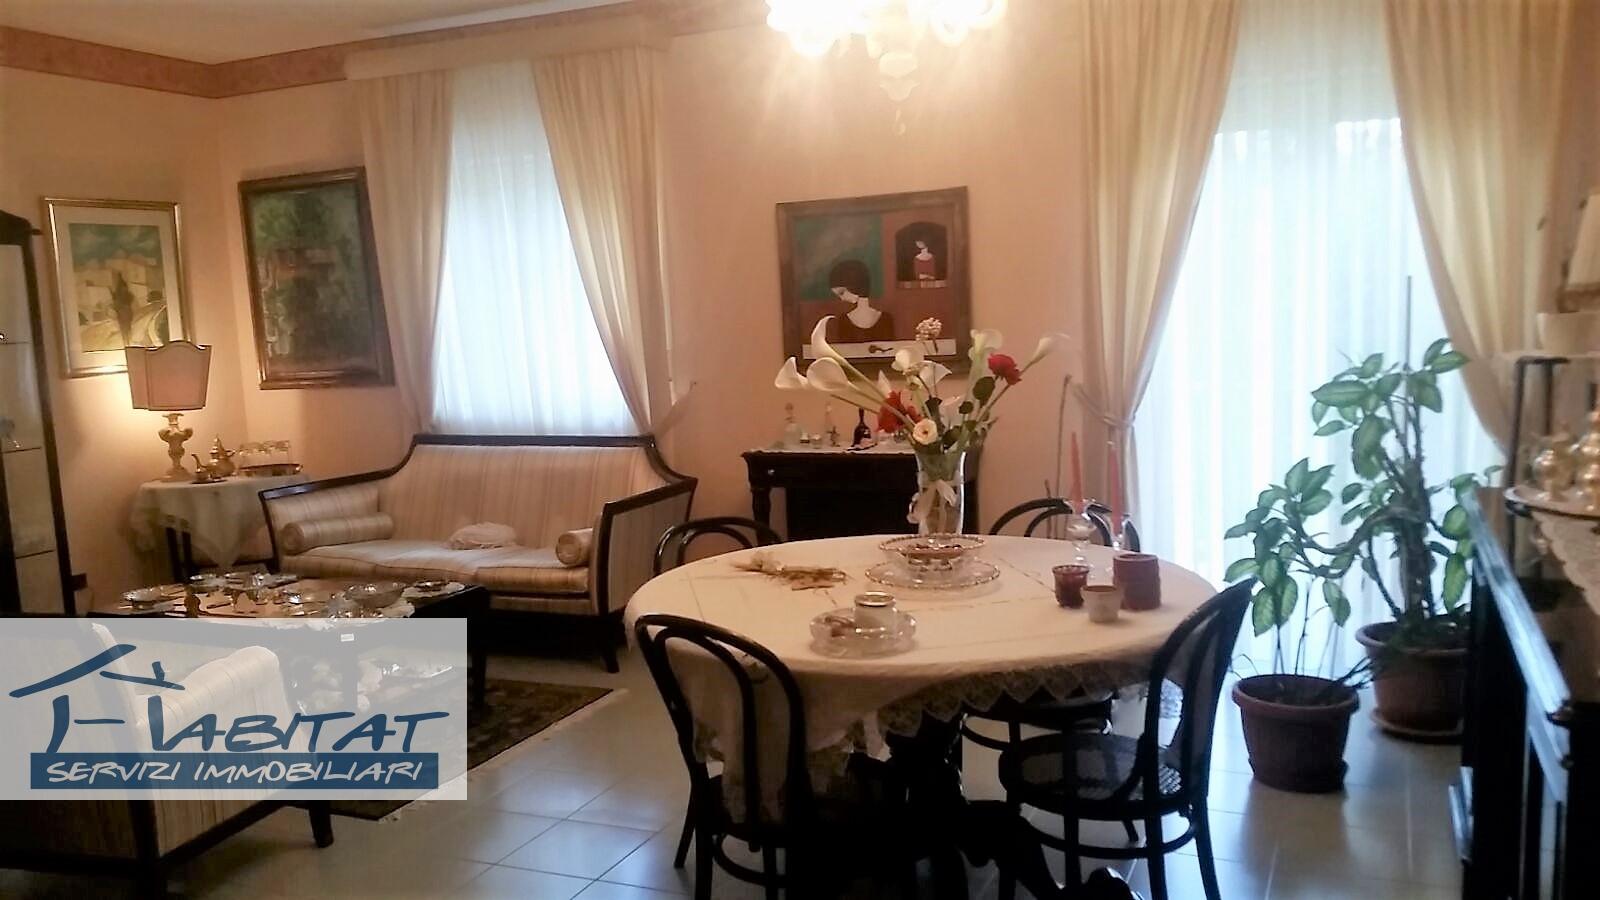 Appartamento in vendita a Agrigento, 6 locali, zona Zona: Fontanelle, prezzo € 125.000 | CambioCasa.it